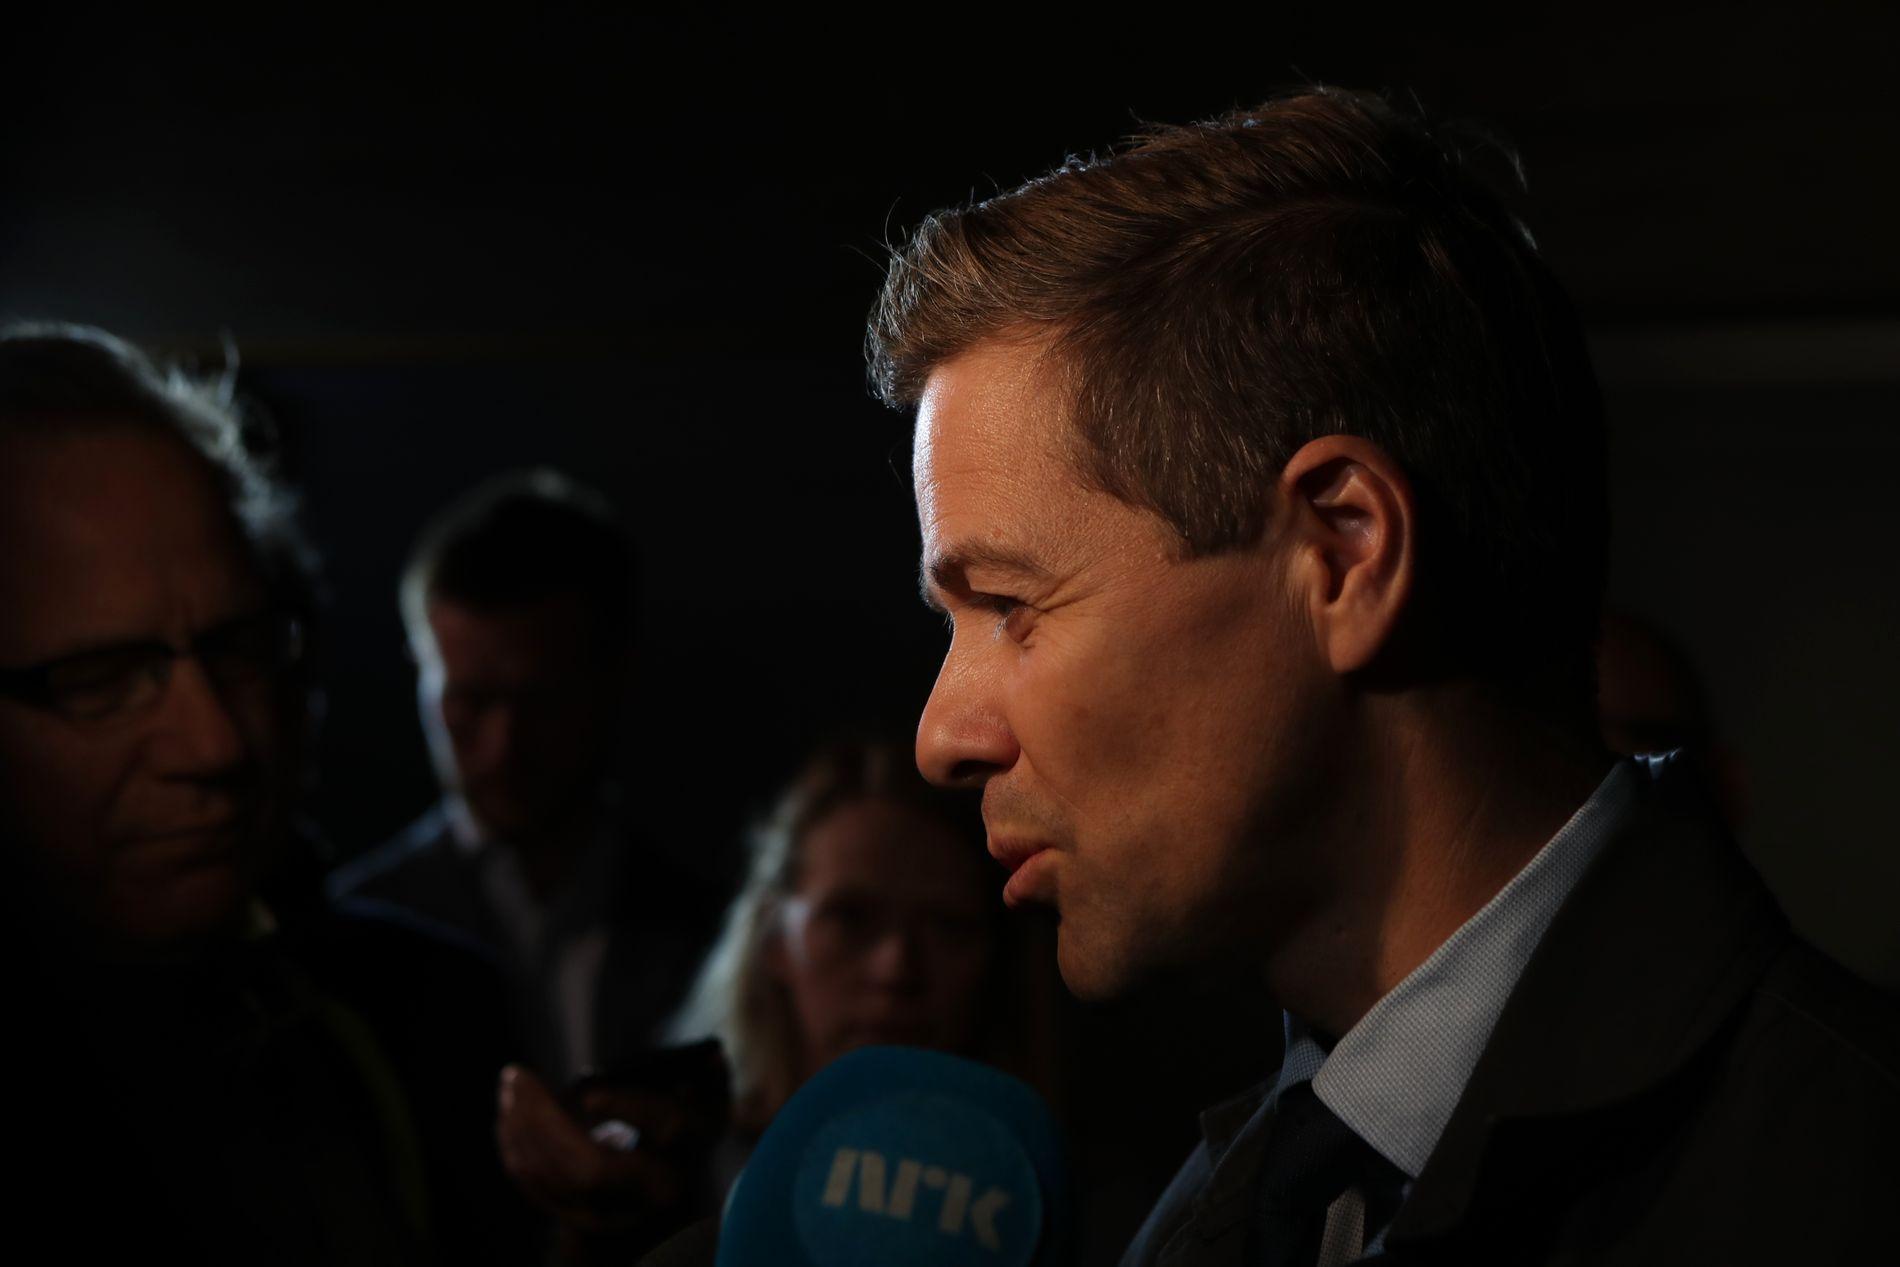 KLAR FOR NY RUNDE: Knut Arild Hareide (KrF) blir med videre i forhandlinger, avklarte han etter møtet med de andre borgerlige partilederne torsdag kveld.